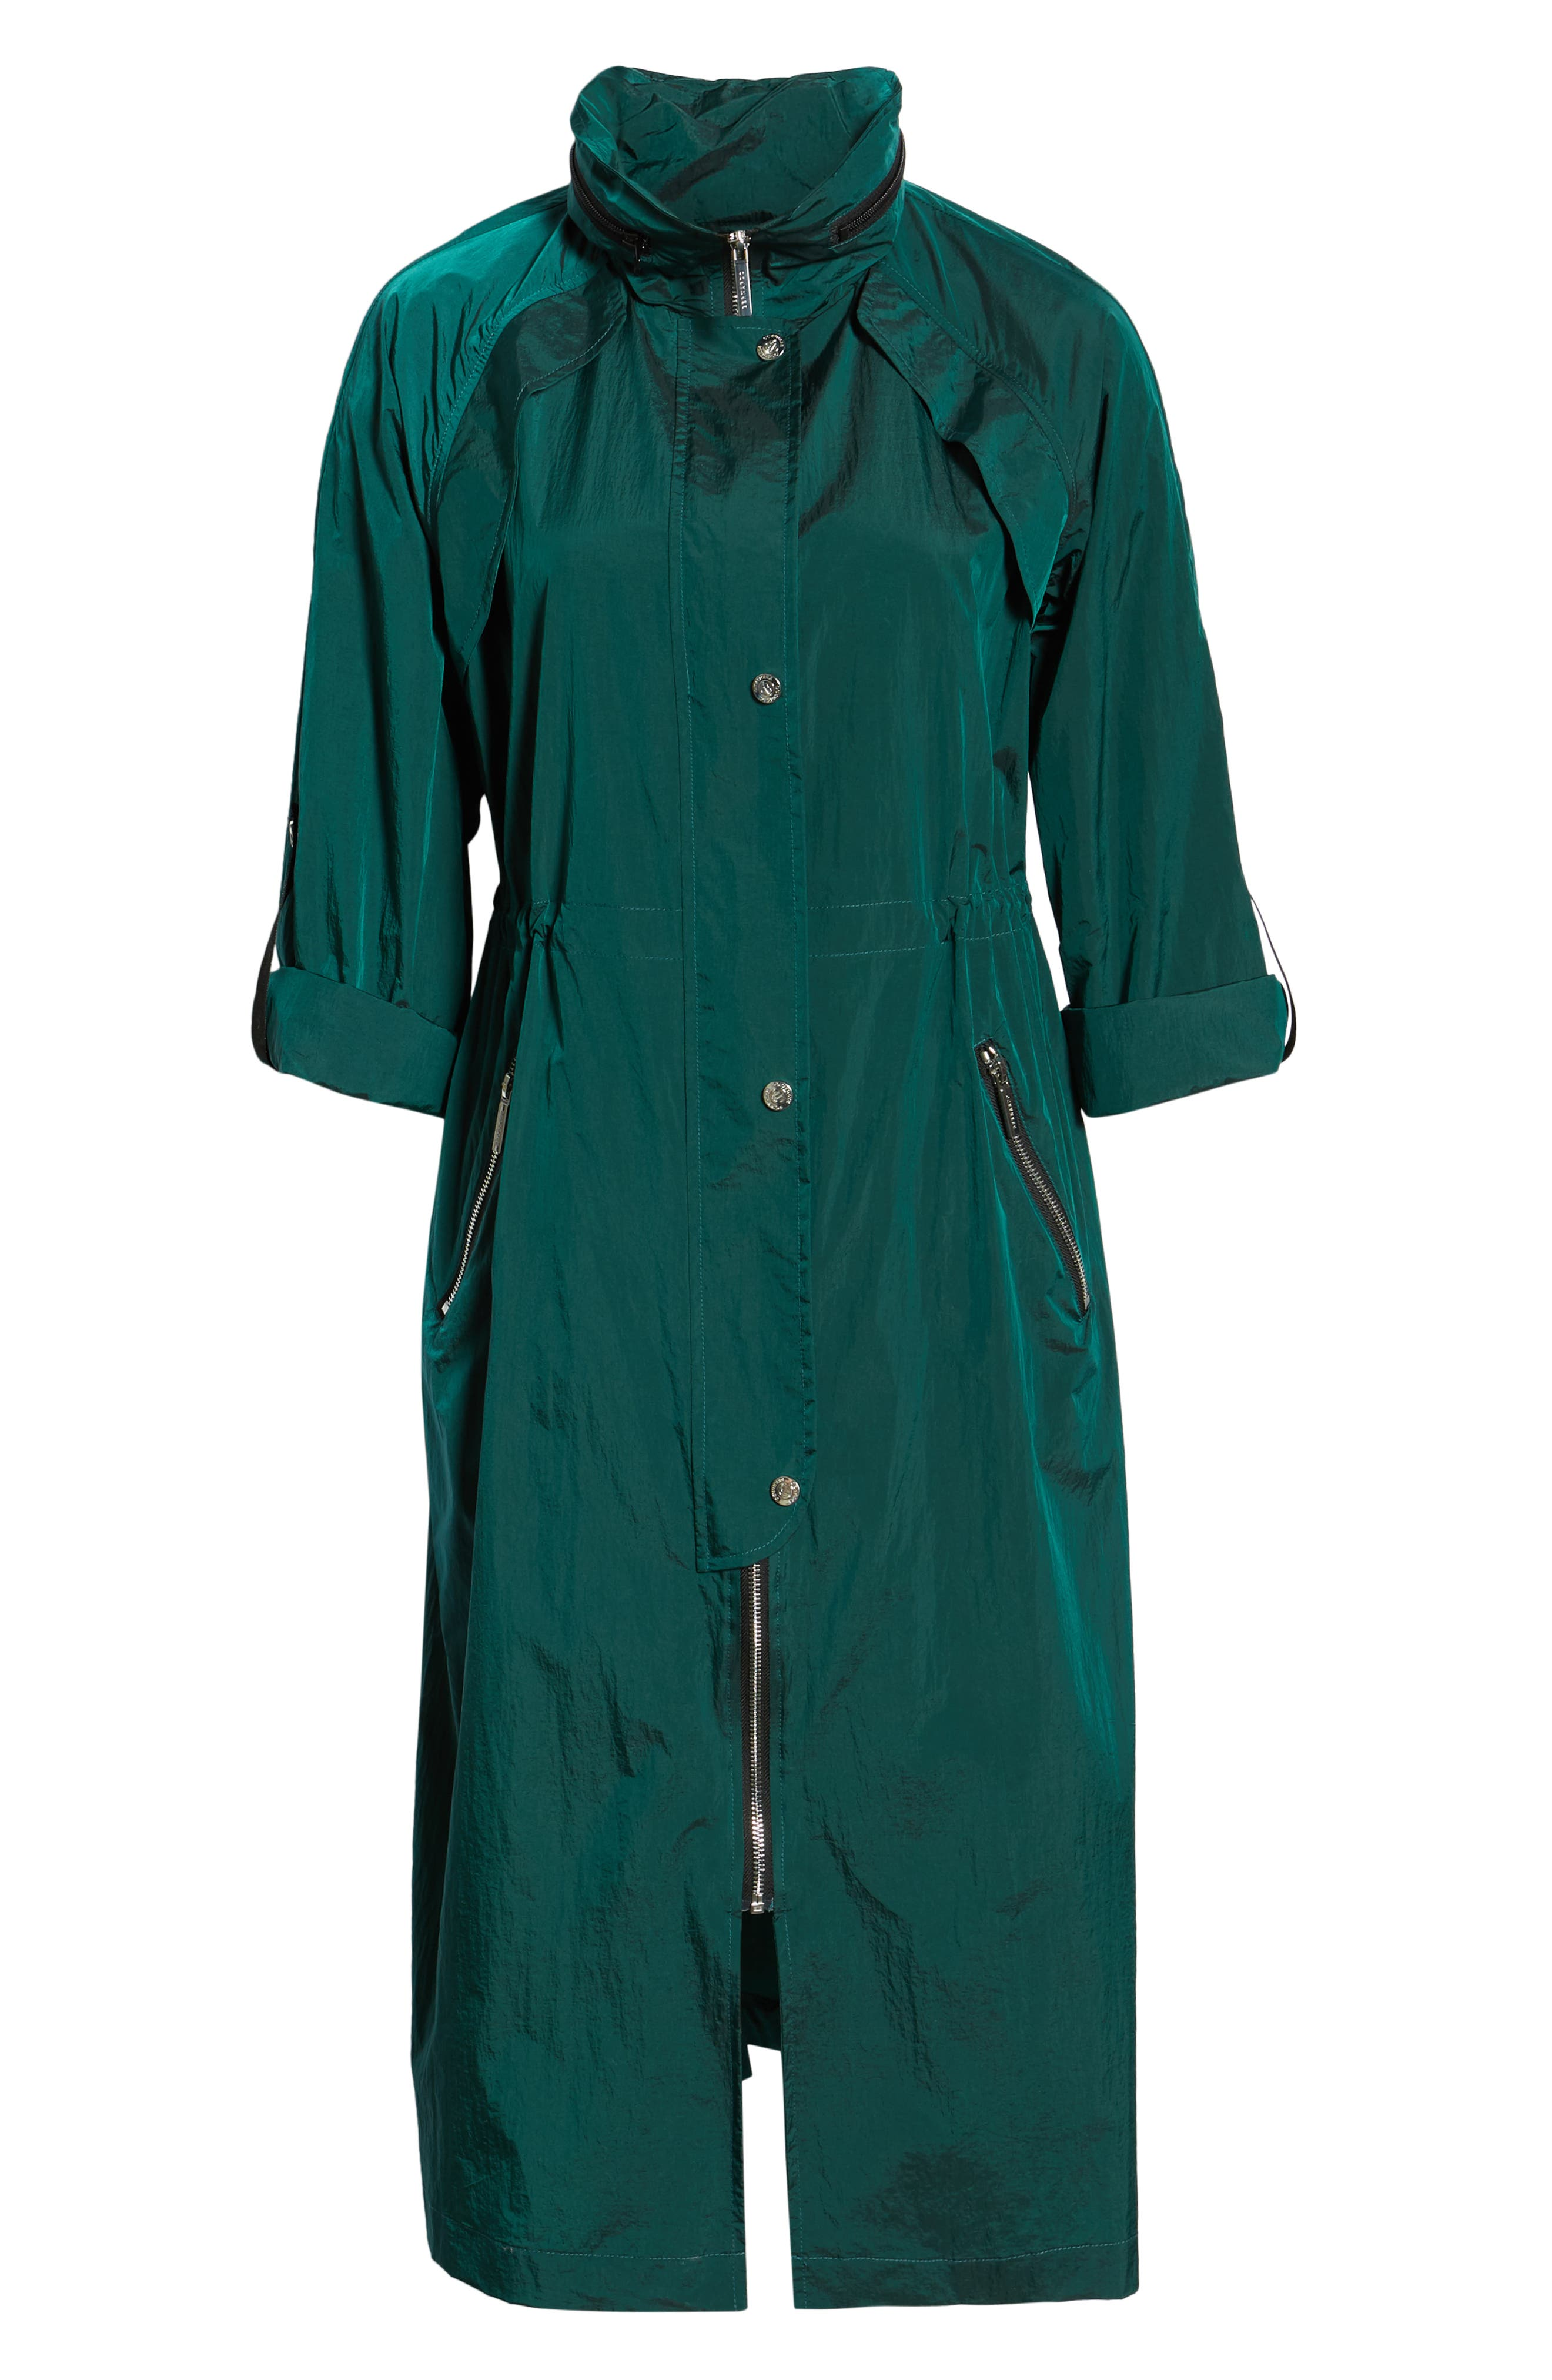 BERNARDO, Crinkle Nylon Long Hooded Parka, Alternate thumbnail 5, color, GREEN